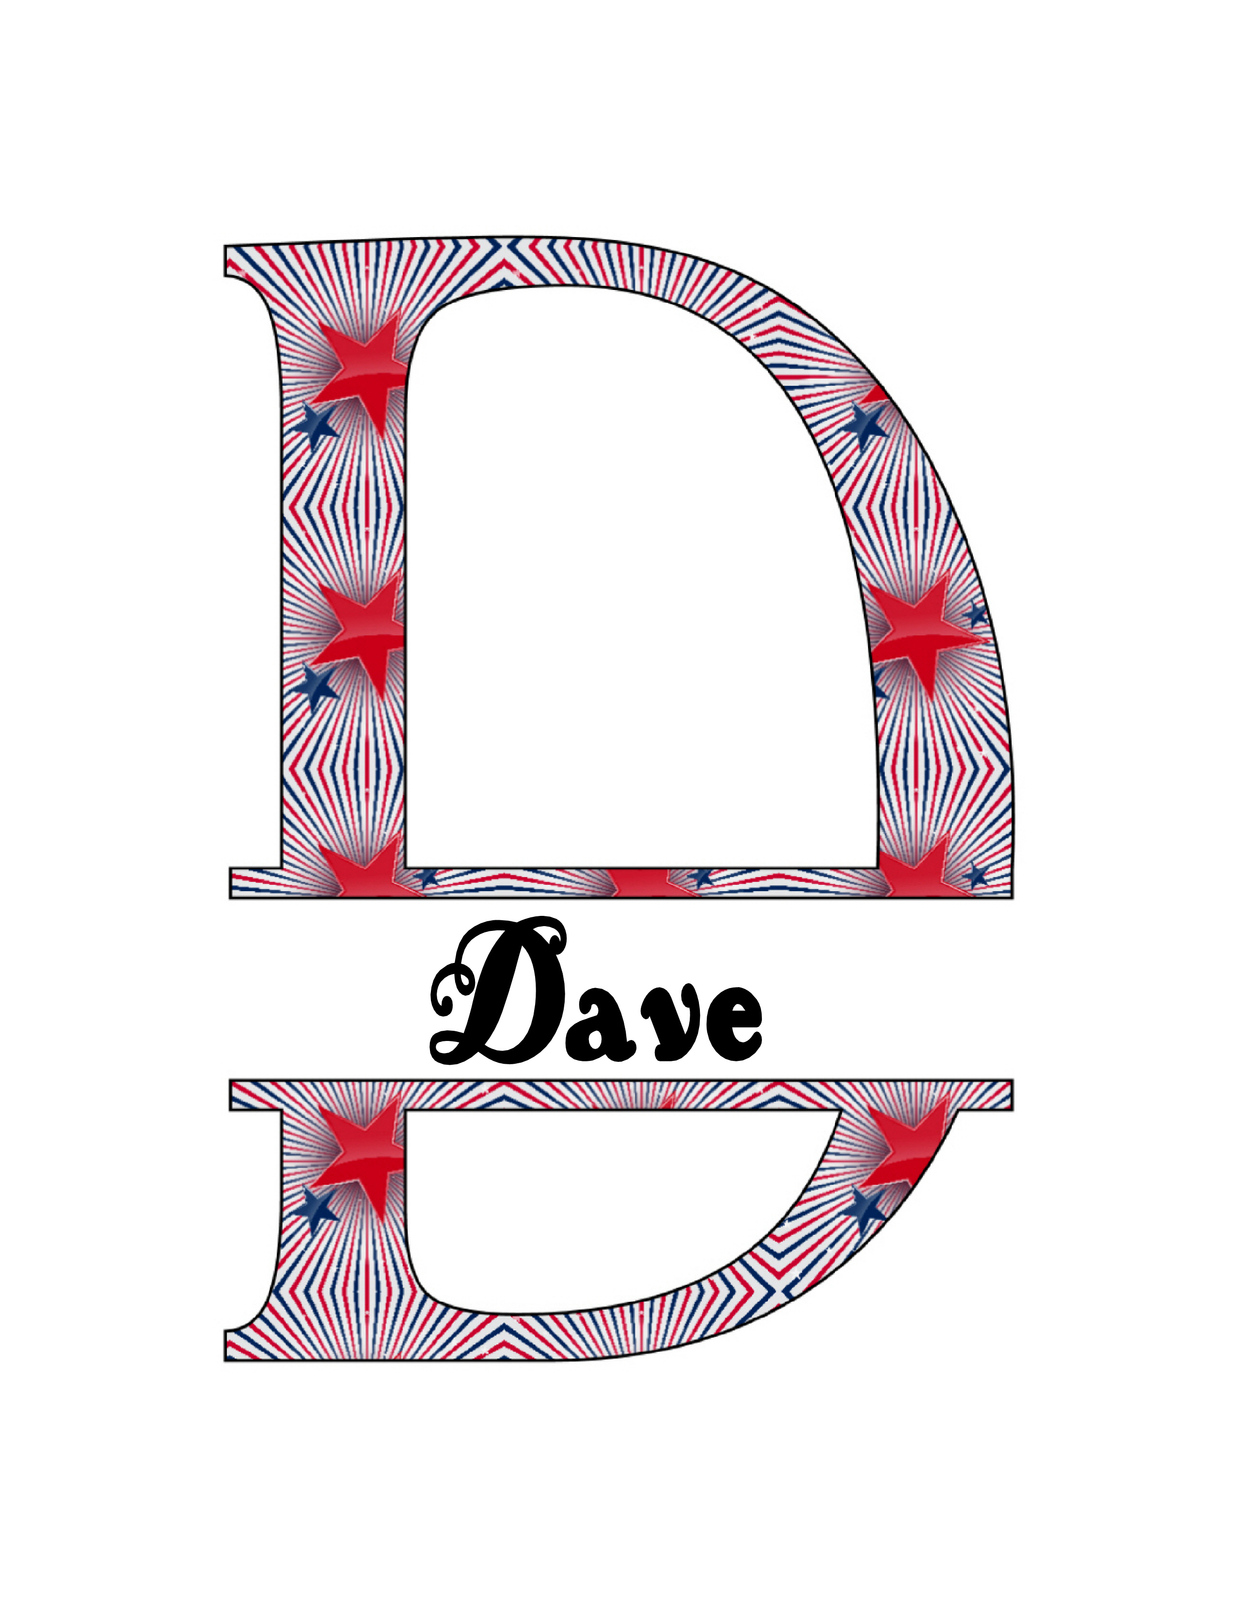 26 Names 2A Split Letter Monogram-Digital ClipArt-JPG-Stars-The 4th of July